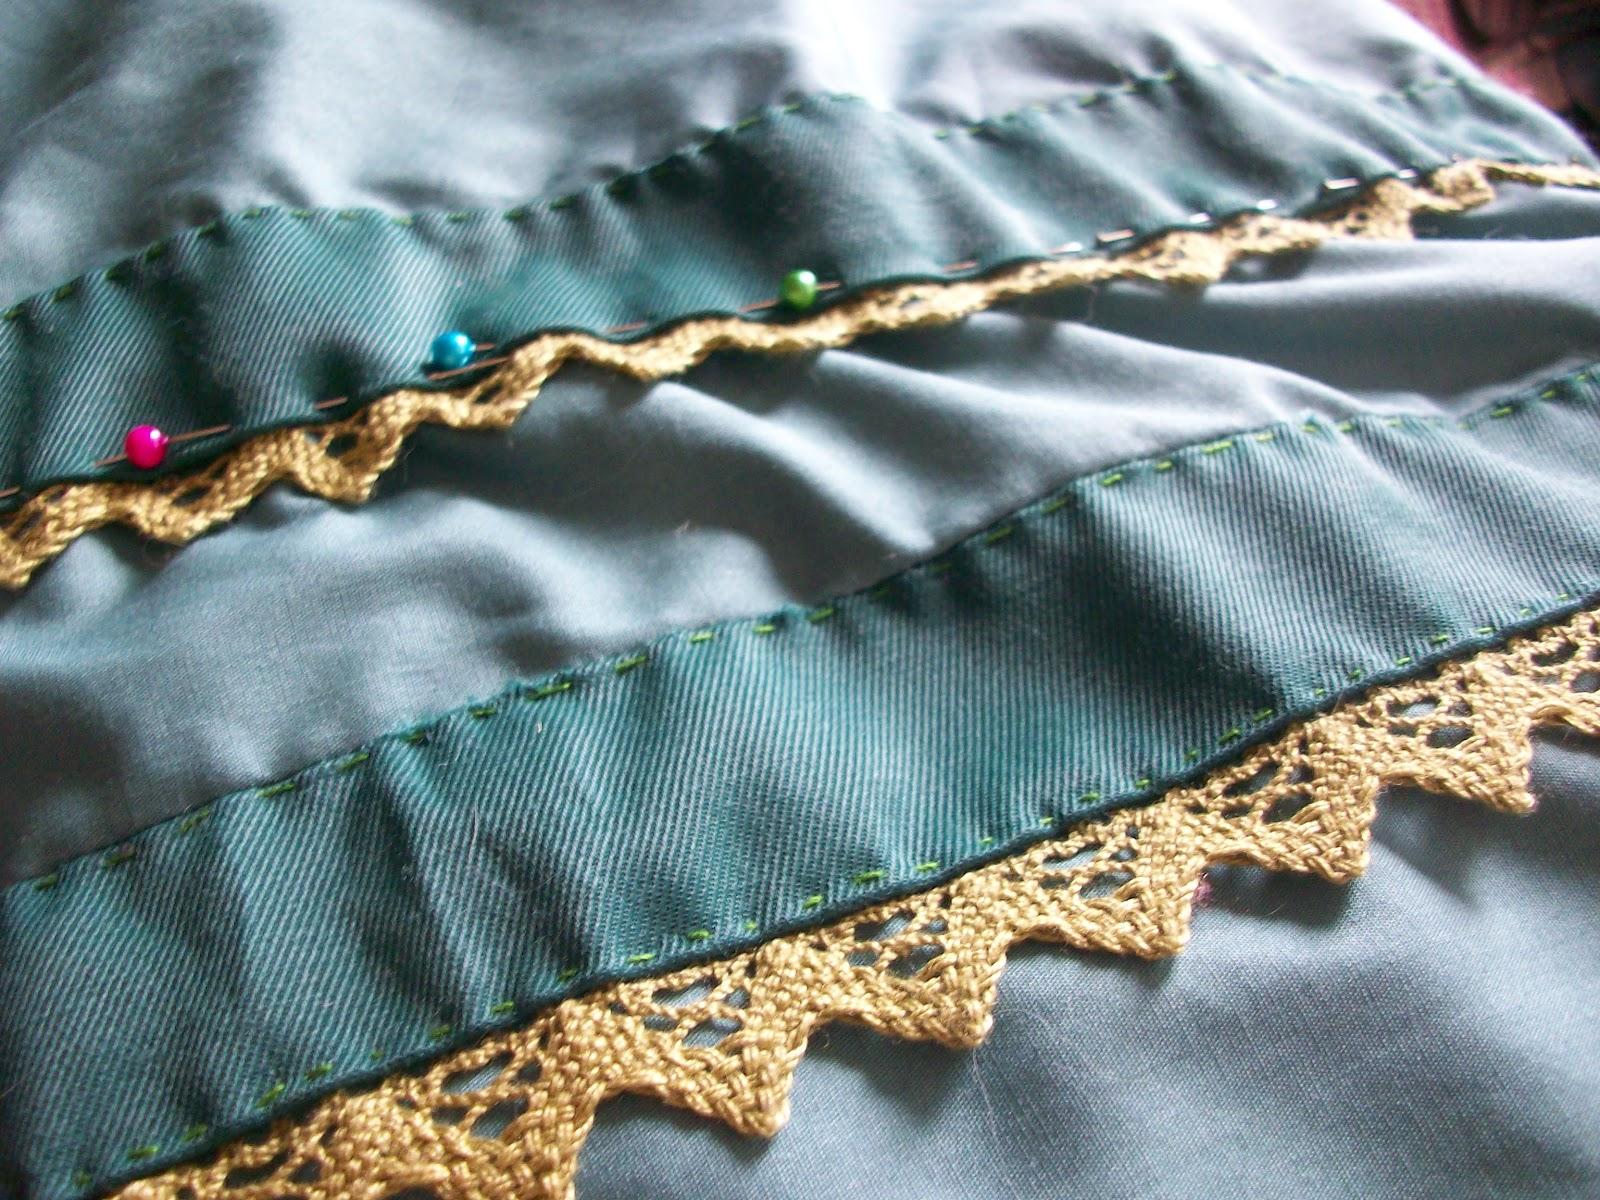 636c821f Det ble veldig enkelt, så jeg sydde pynt av samme stoff jeg skulle lage  bolero av, og hadde på blonder i front. Blondene skulle på boleroen, ...